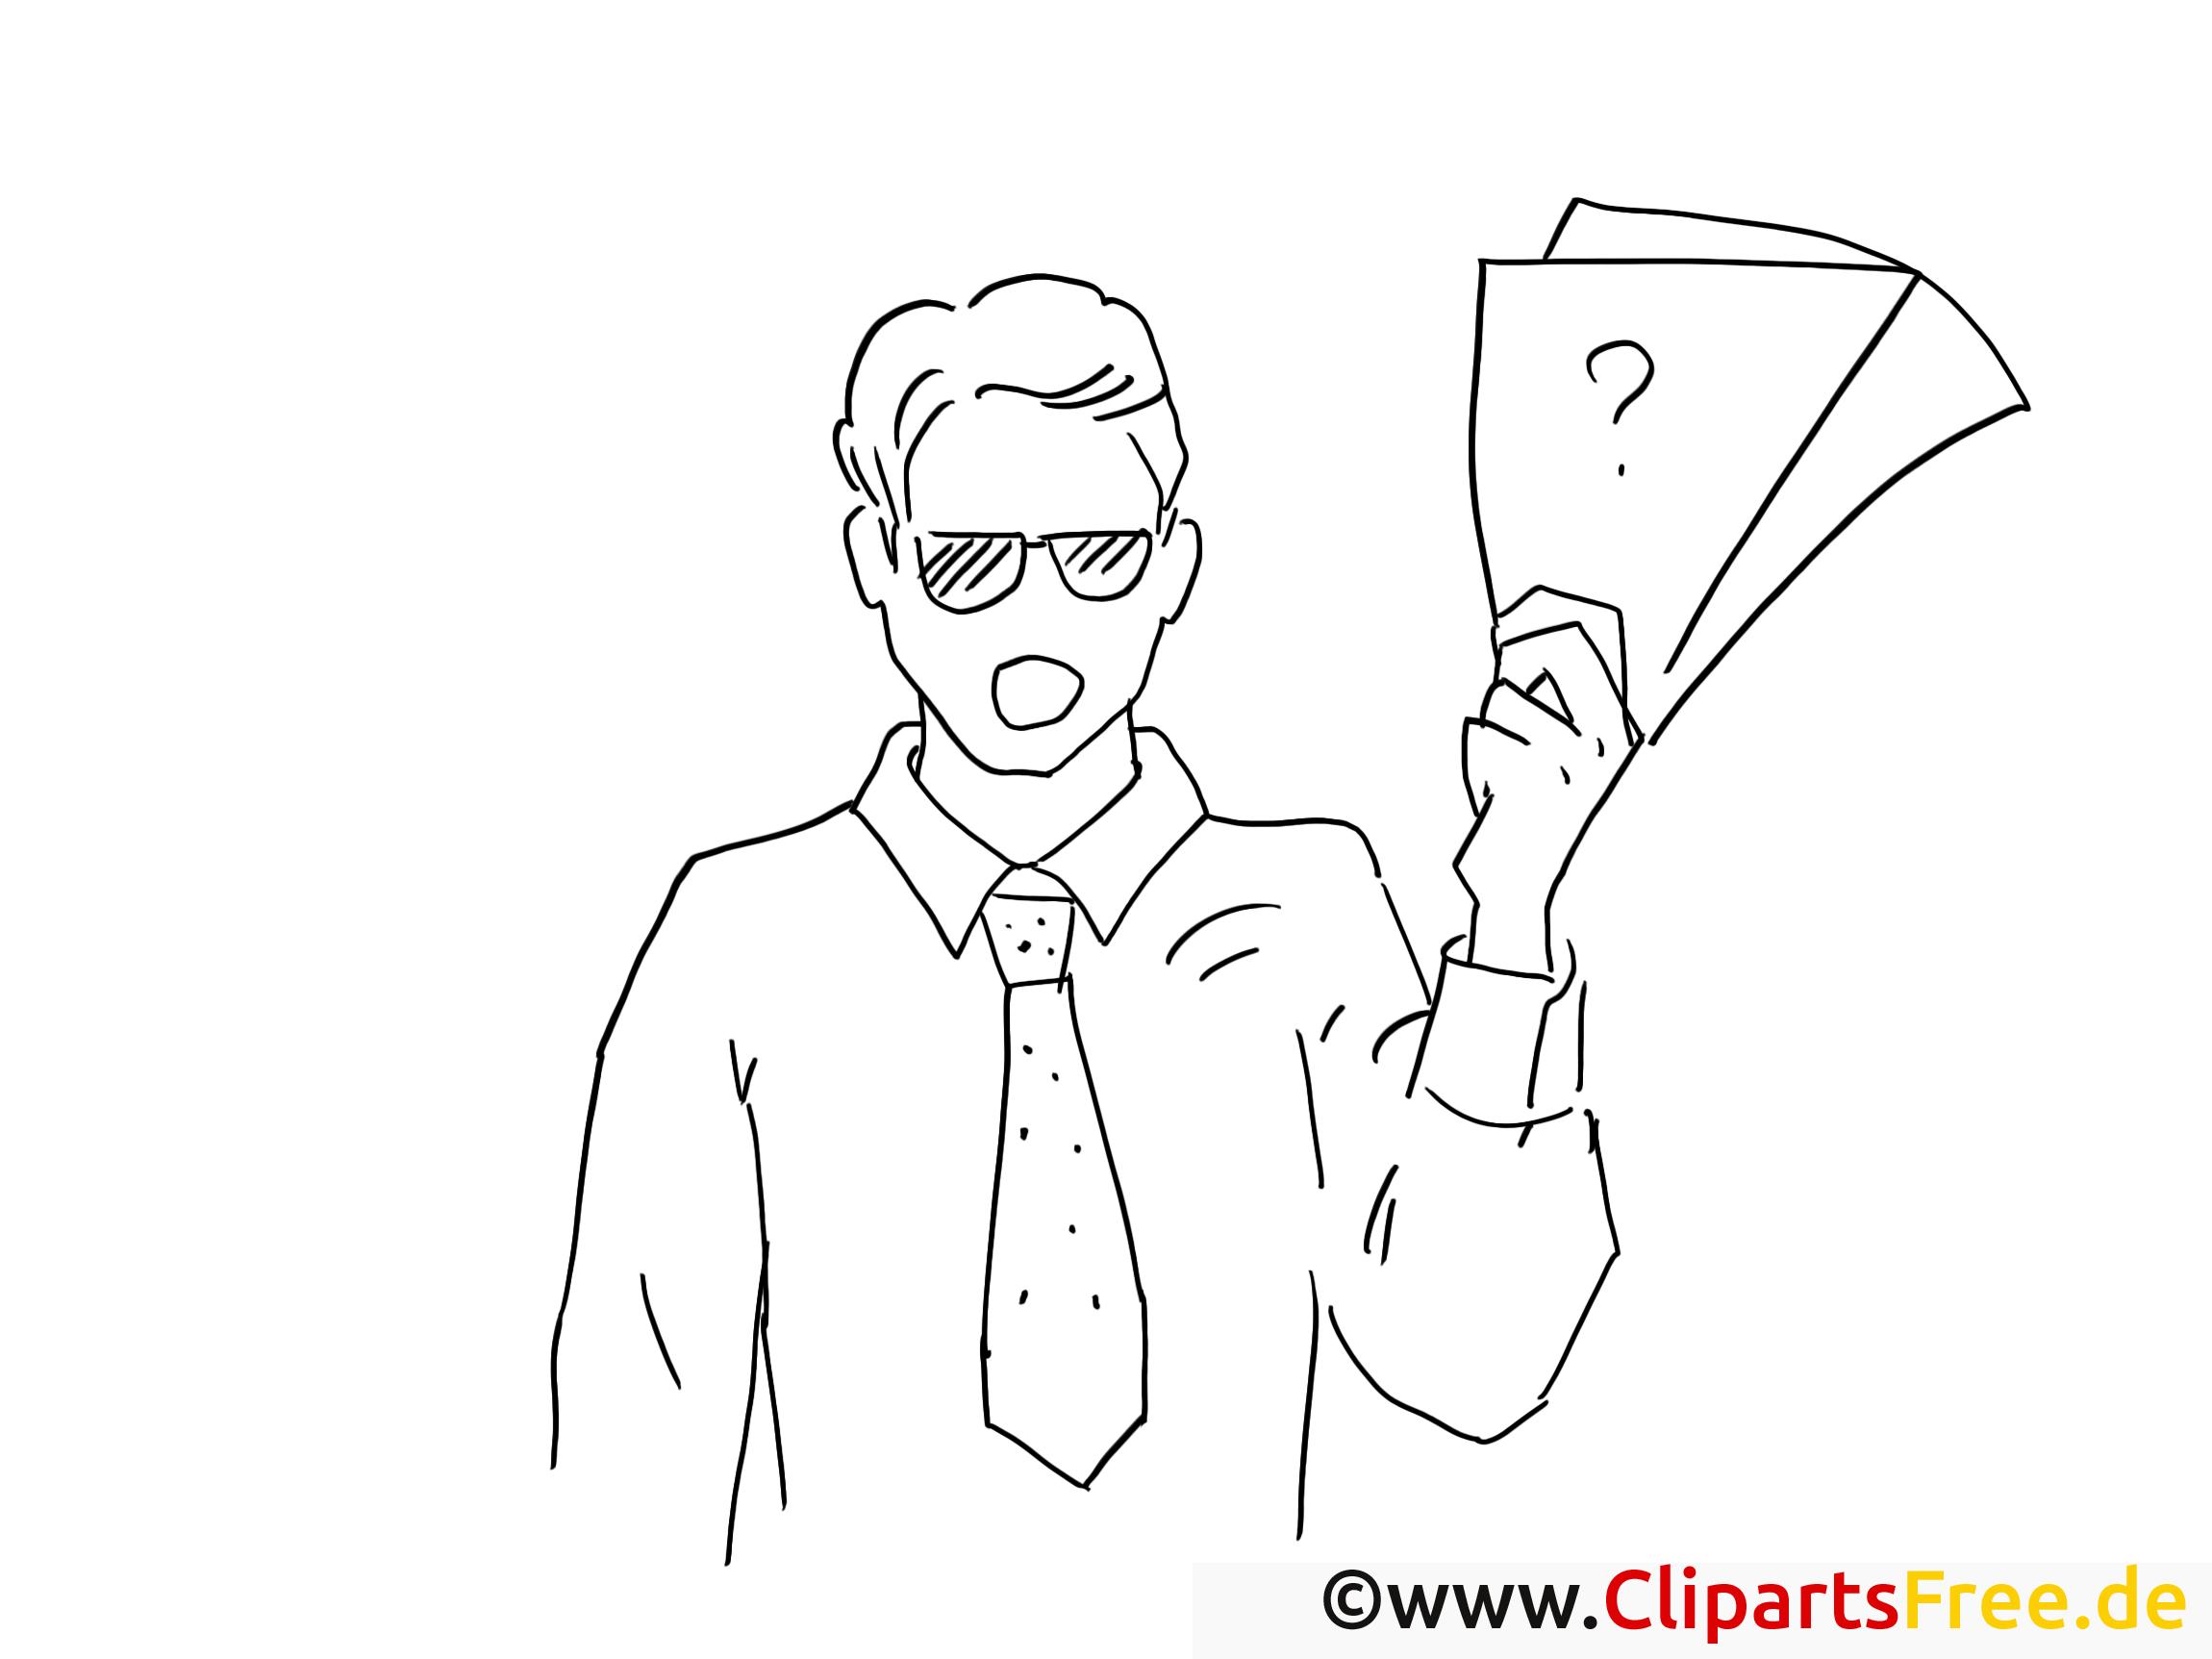 Chef clipart – Travail dessins à colorier